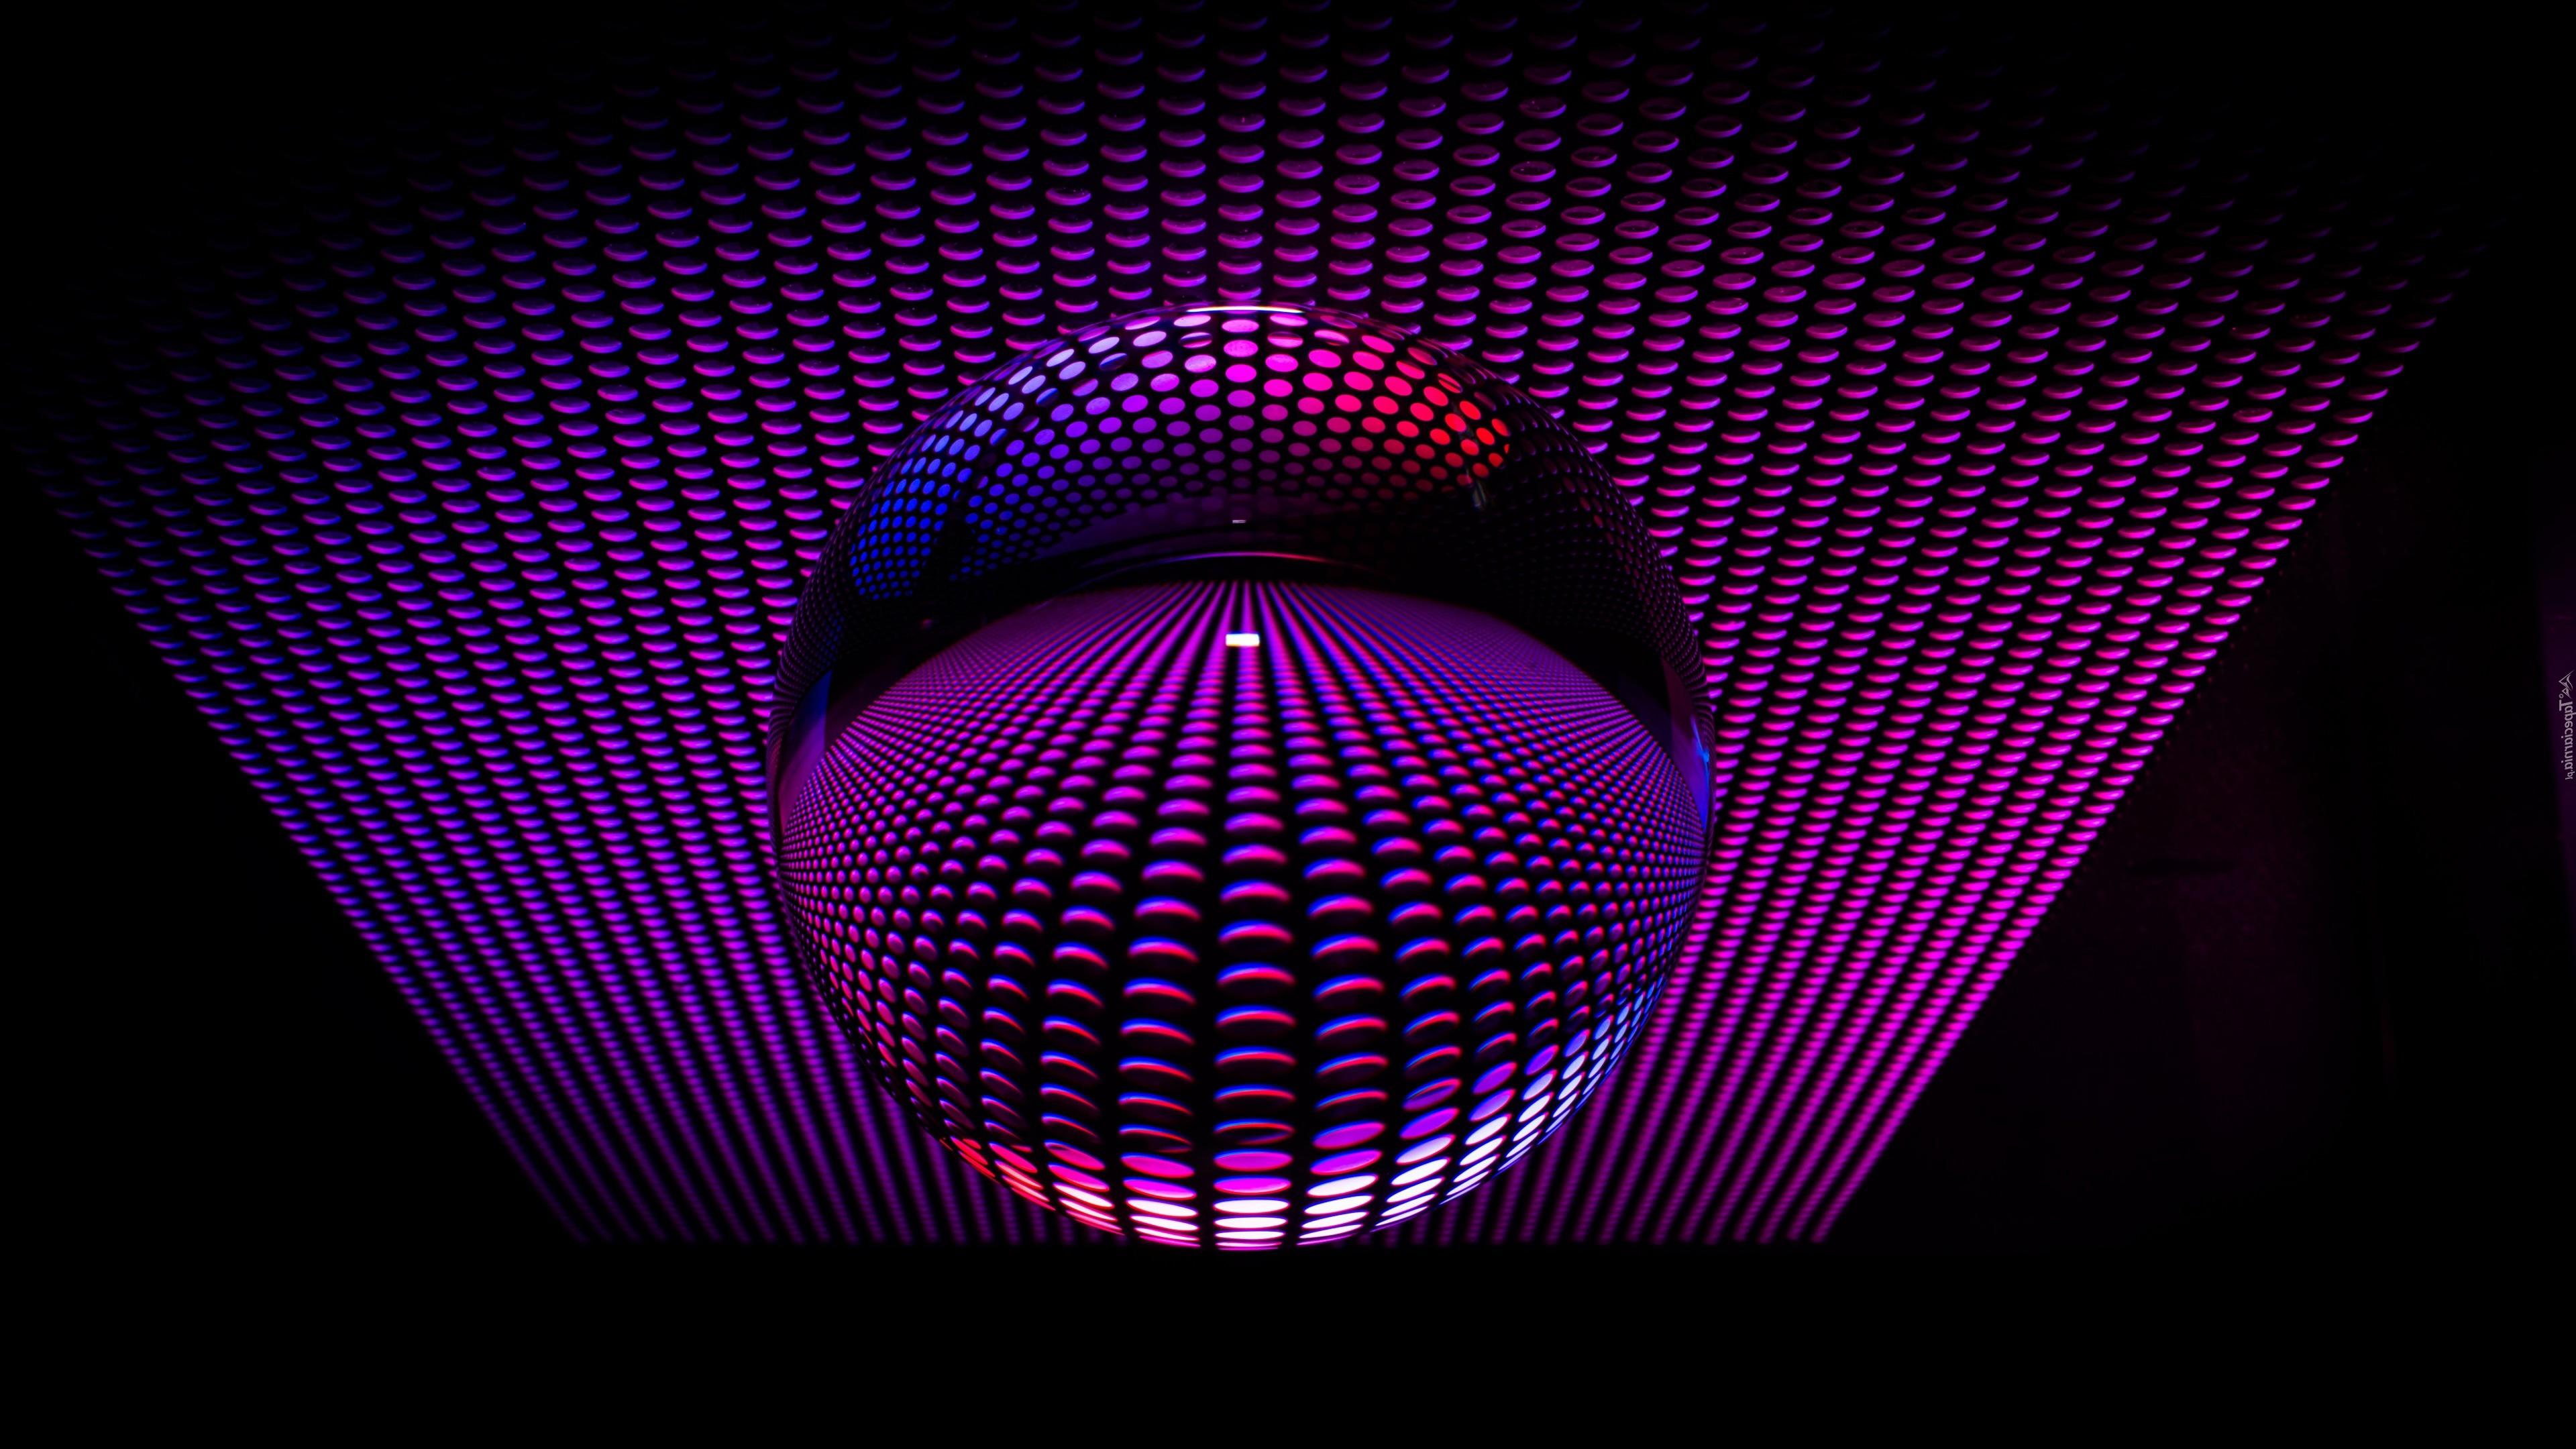 Стеклянная сфера, фиолетовый фон, 3д графика, 3д обои, 3840 на 2160 пикселей